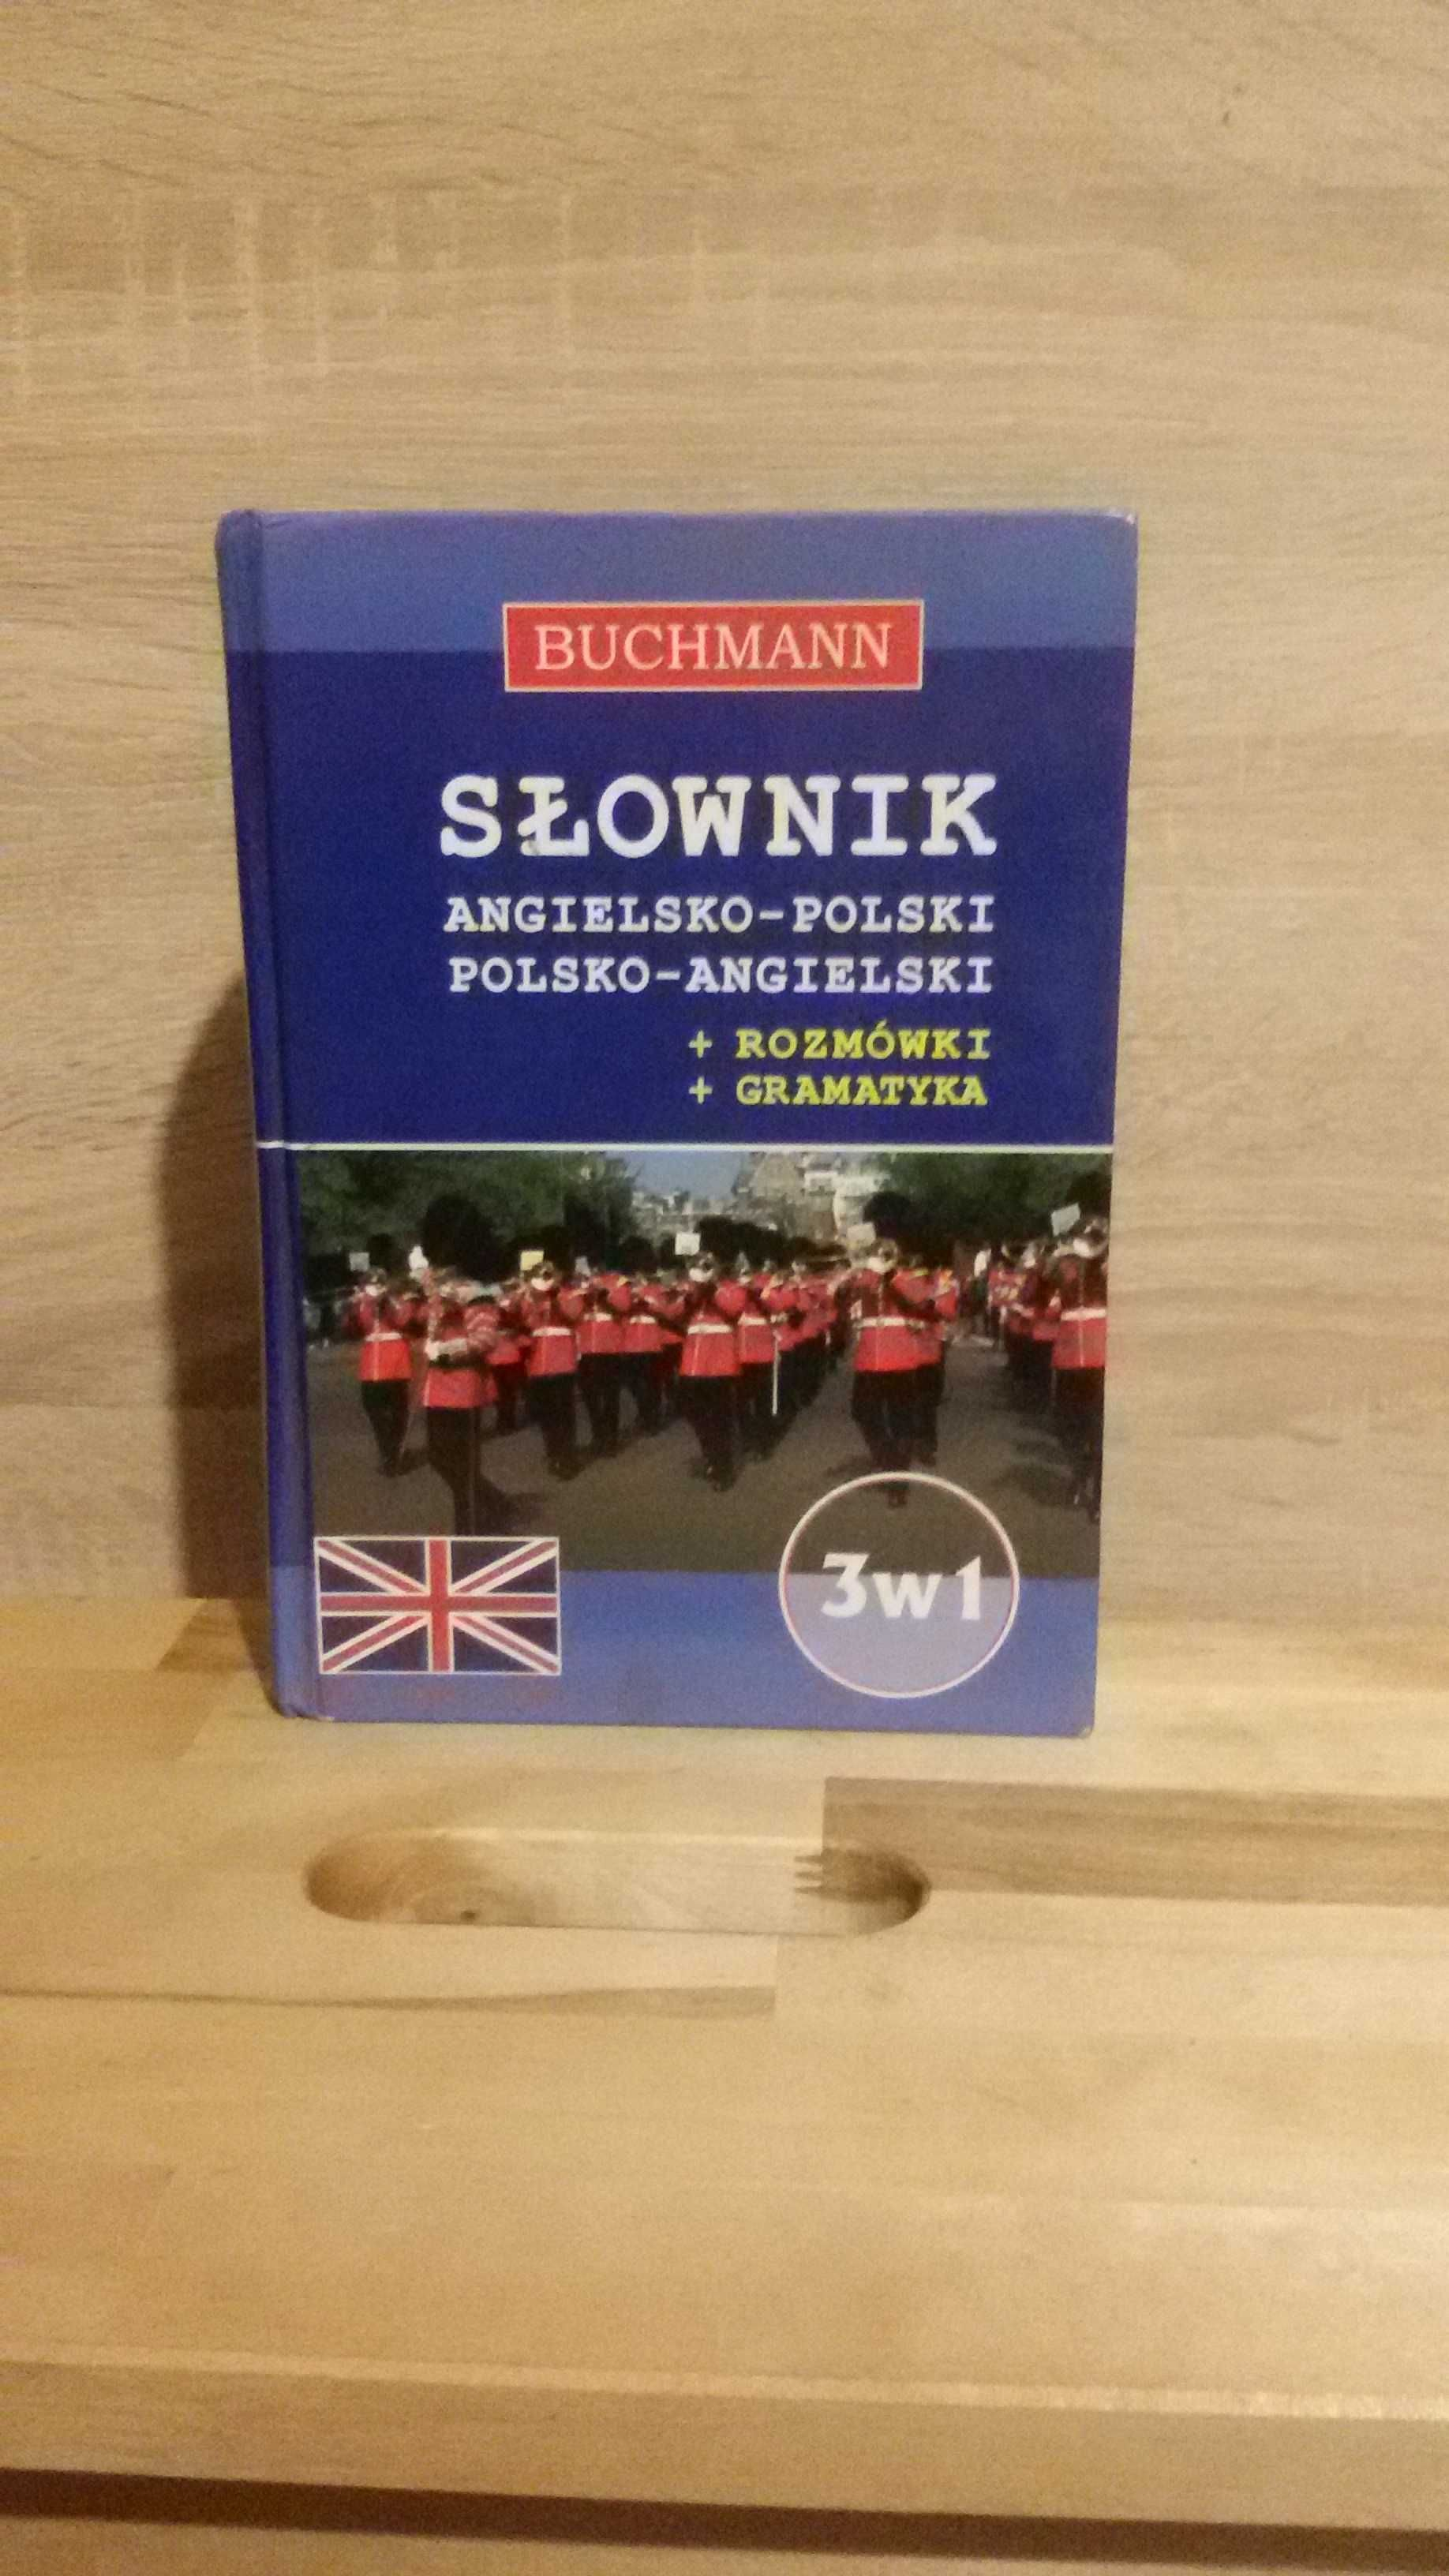 Slownik angielsko-polski